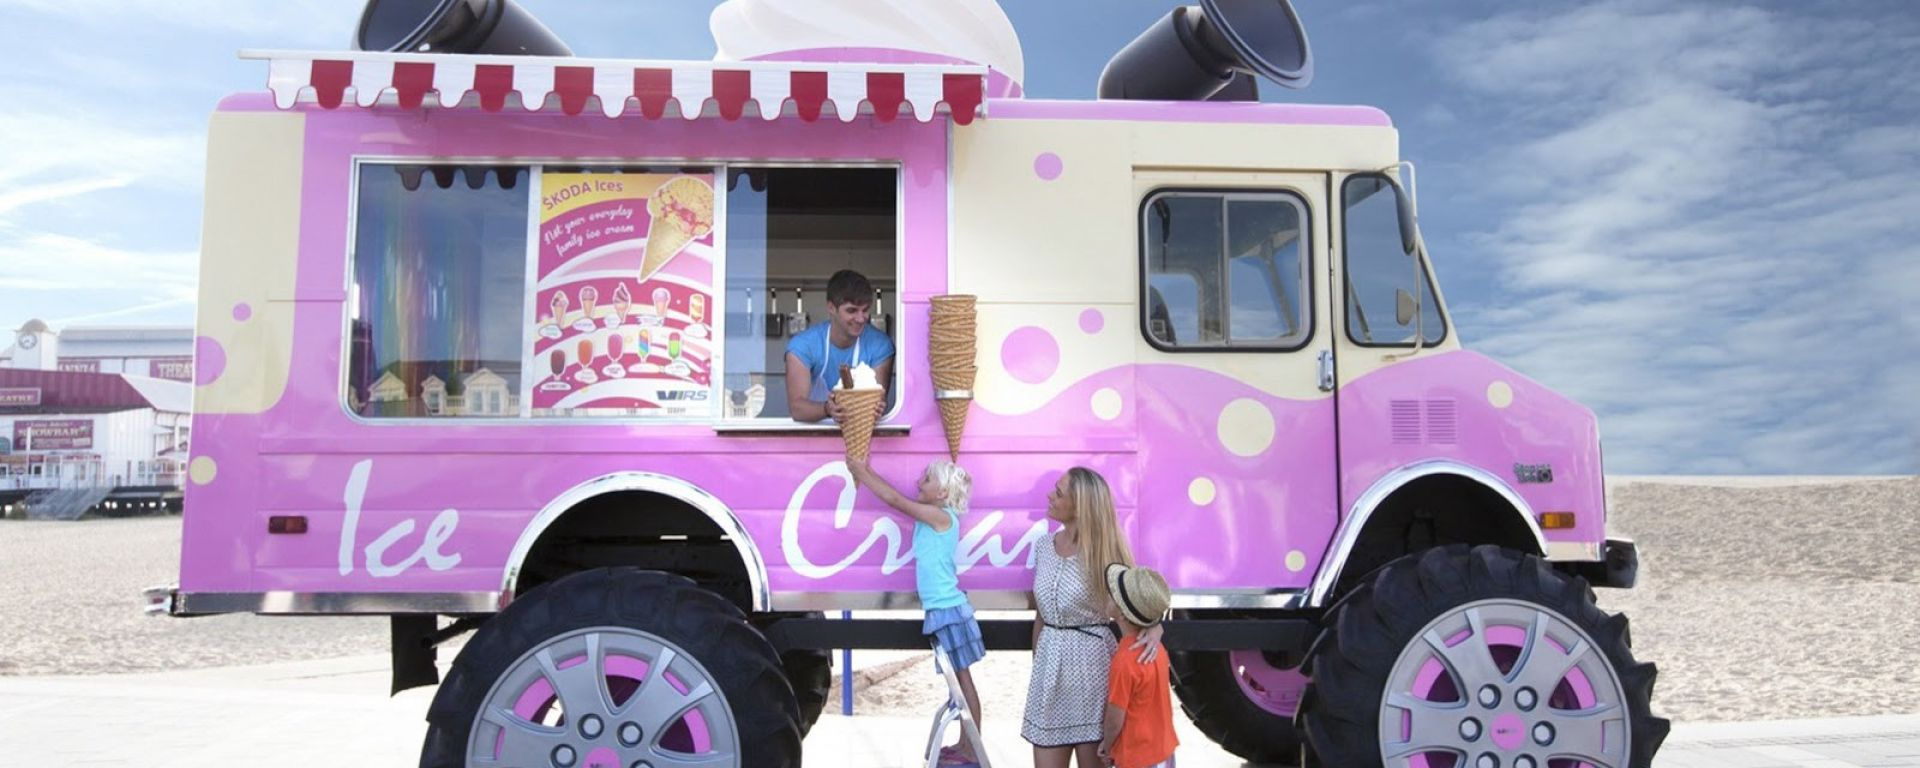 Mega Ice Cream Van